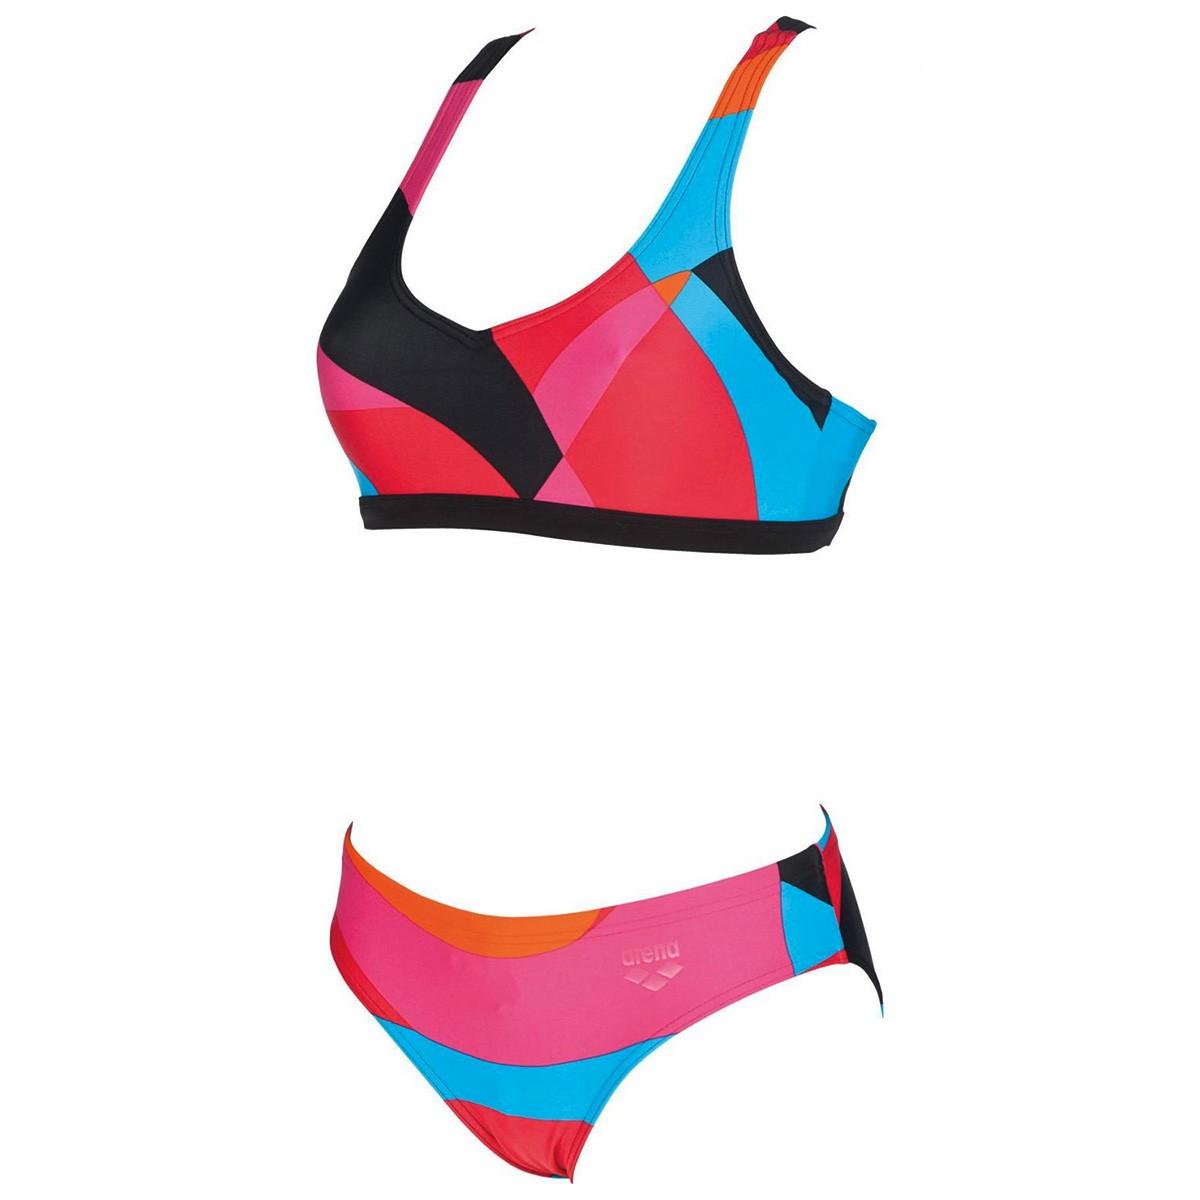 Bikini arena muralist donna costumi mare e piscina for Arena costumi piscina